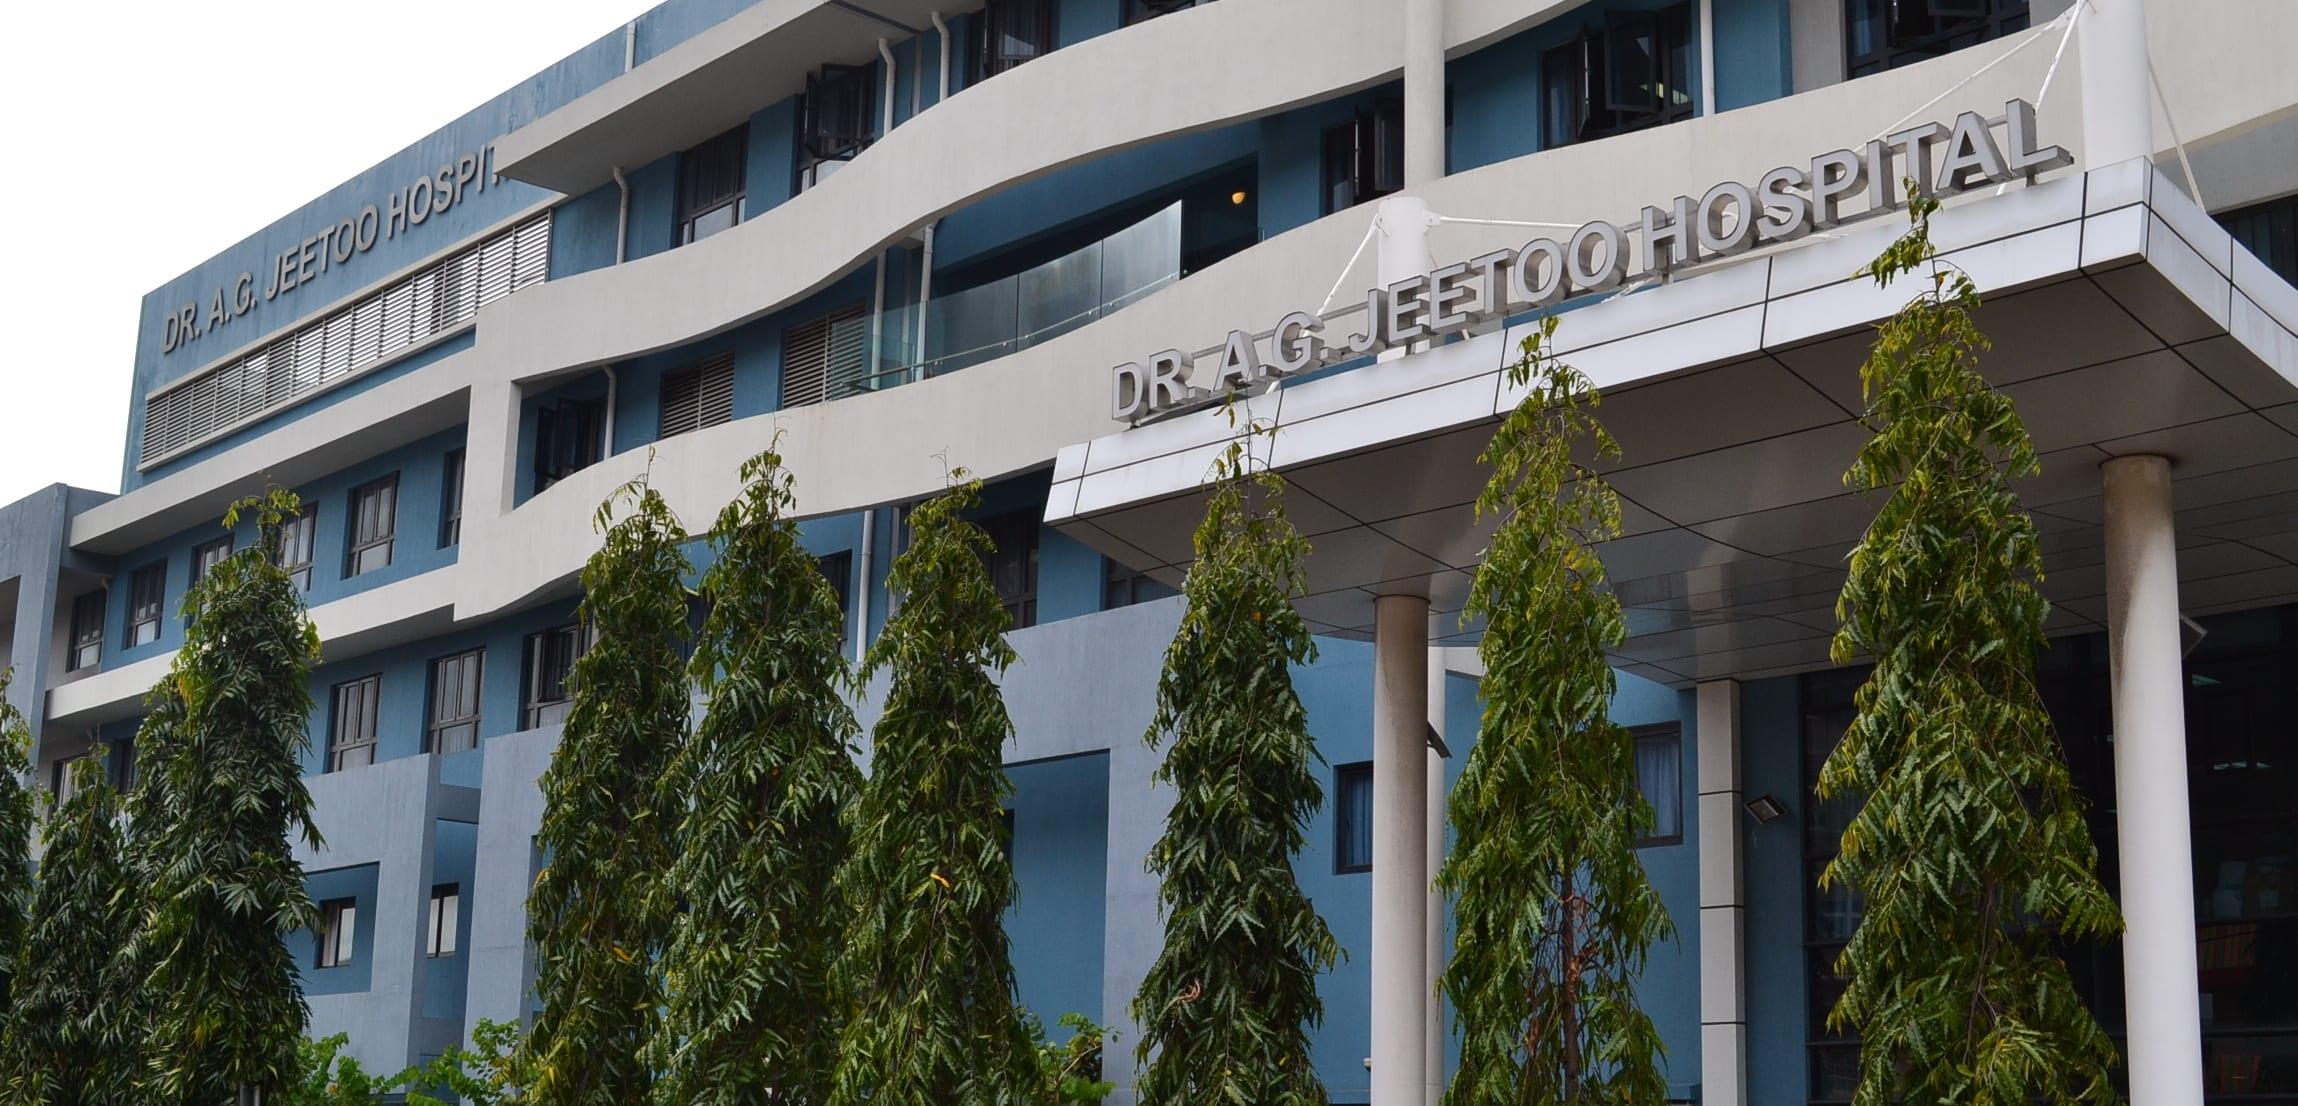 A l'hôpital Jeetoo : Un infirmier agresse un étudiant